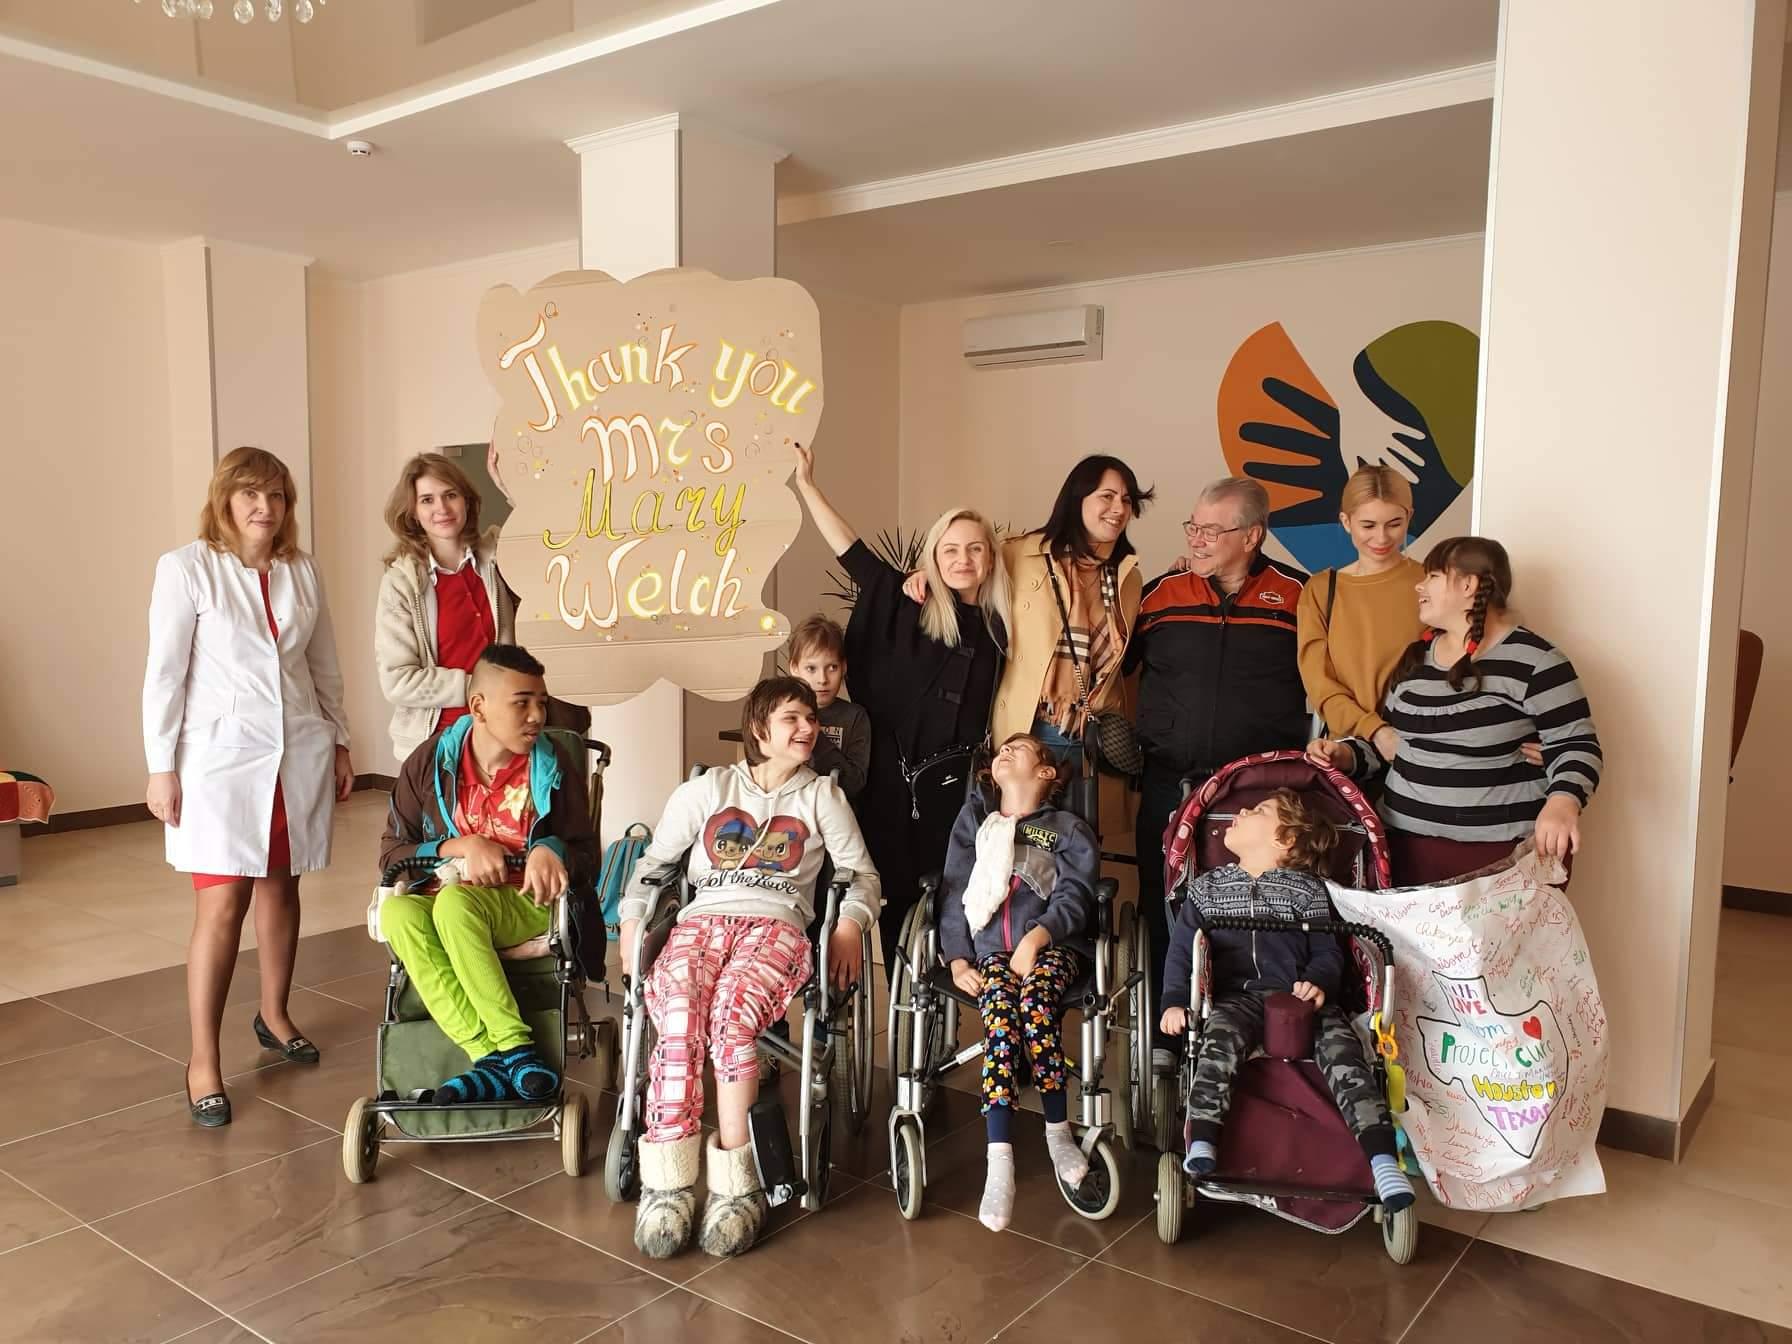 Детской больнице передана  благотворительная помощь на сумму более 370 тысяч гривен